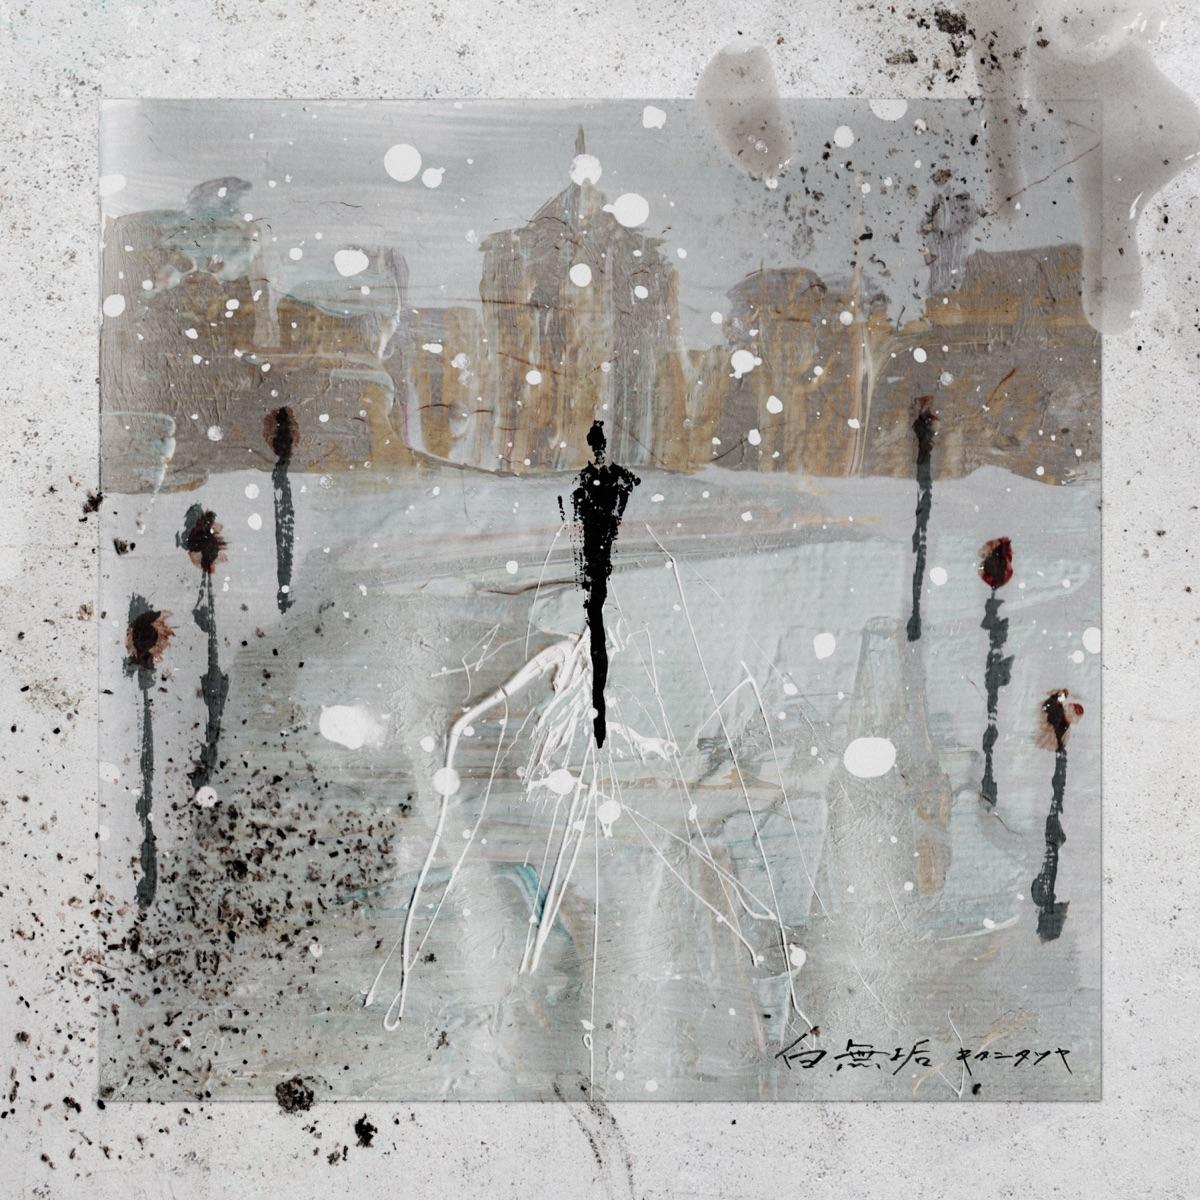 『キタニタツヤ - 白無垢』収録の『白無垢』ジャケット